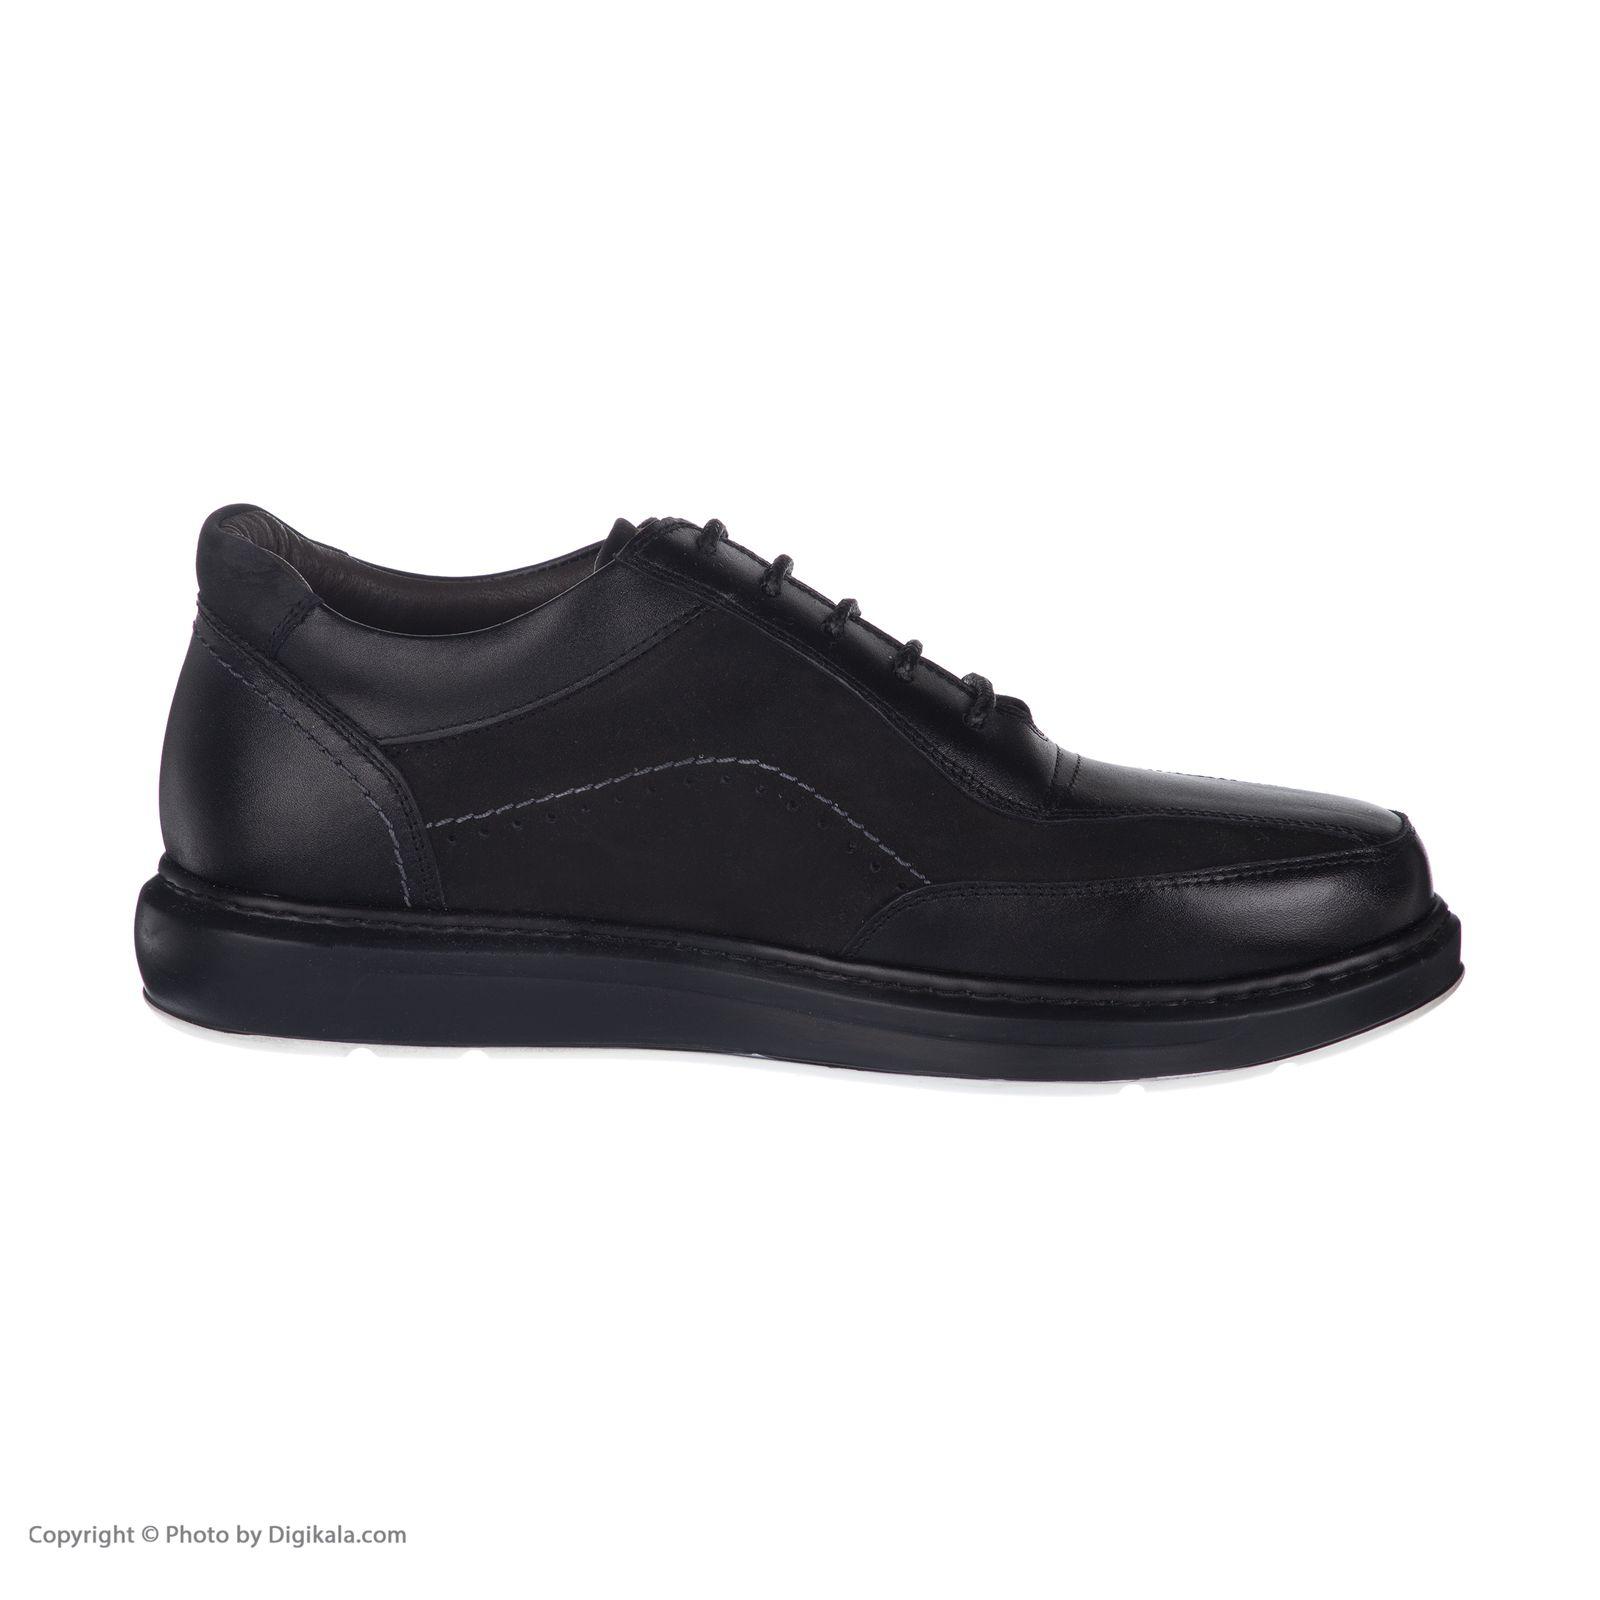 کفش روزمره مردانه دانادل مدل 8602A503101 -  - 4